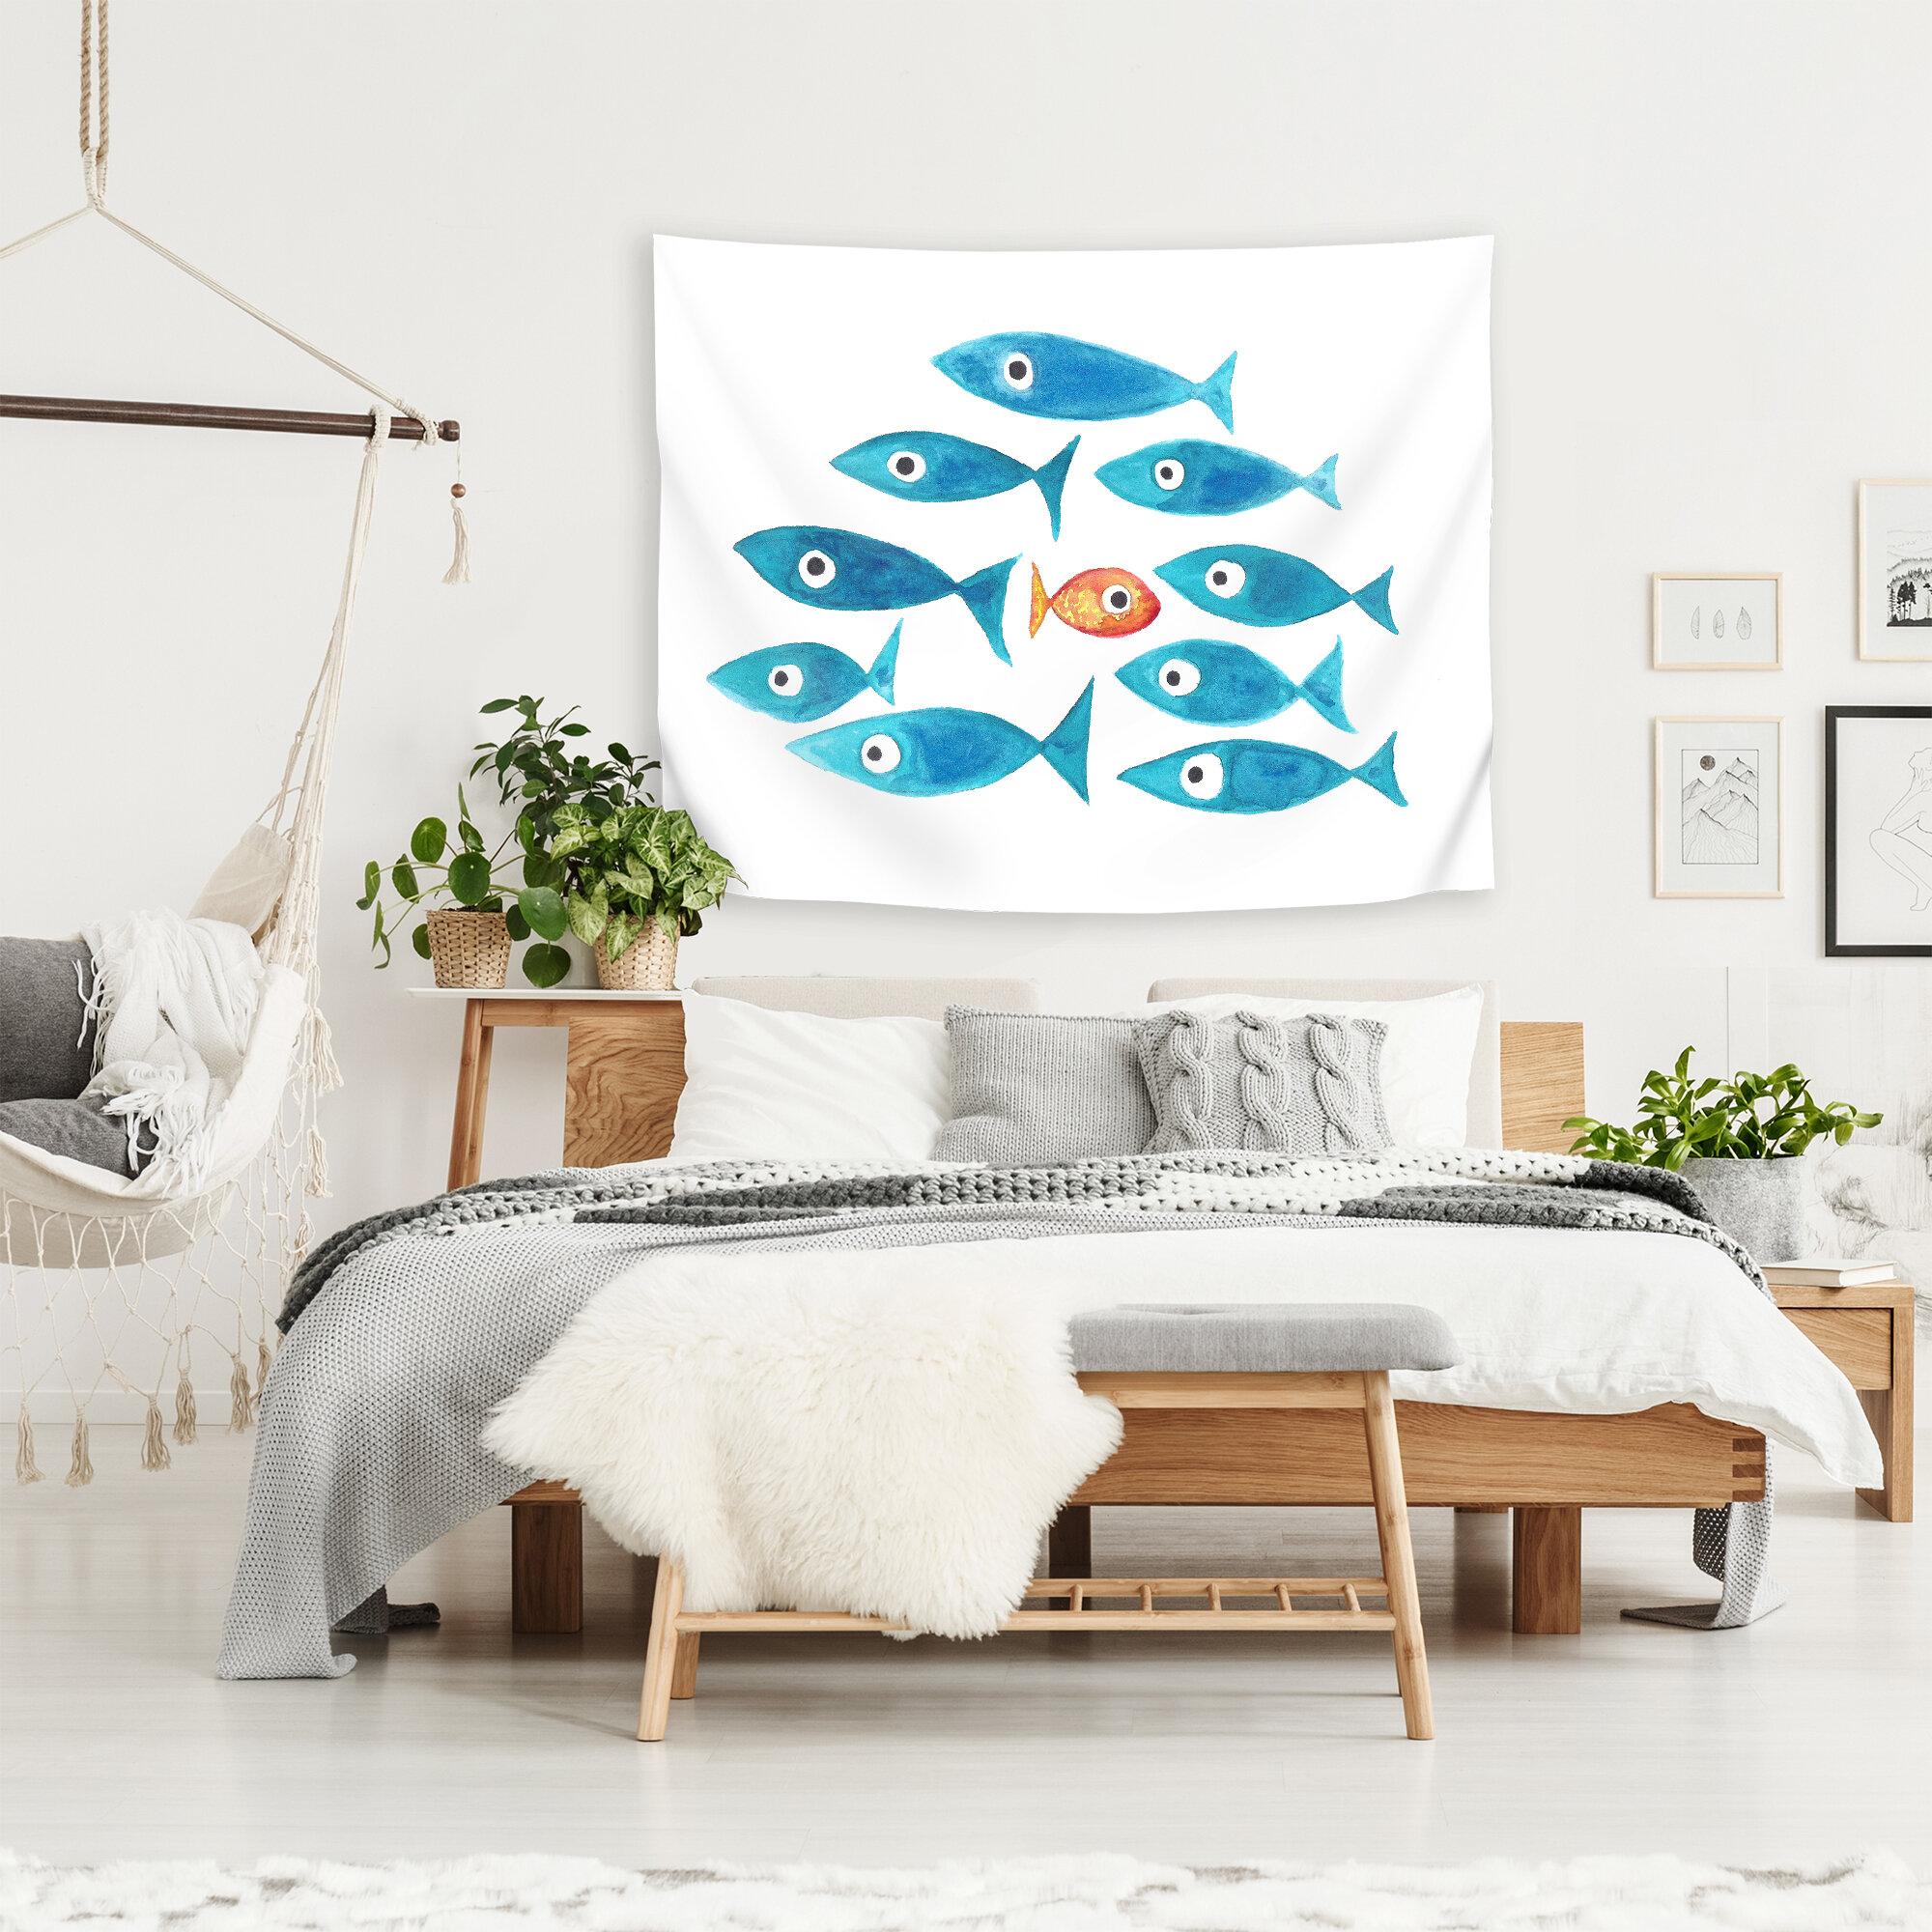 East Urban Home Microfiber T J Heiser Tapestry Wayfair